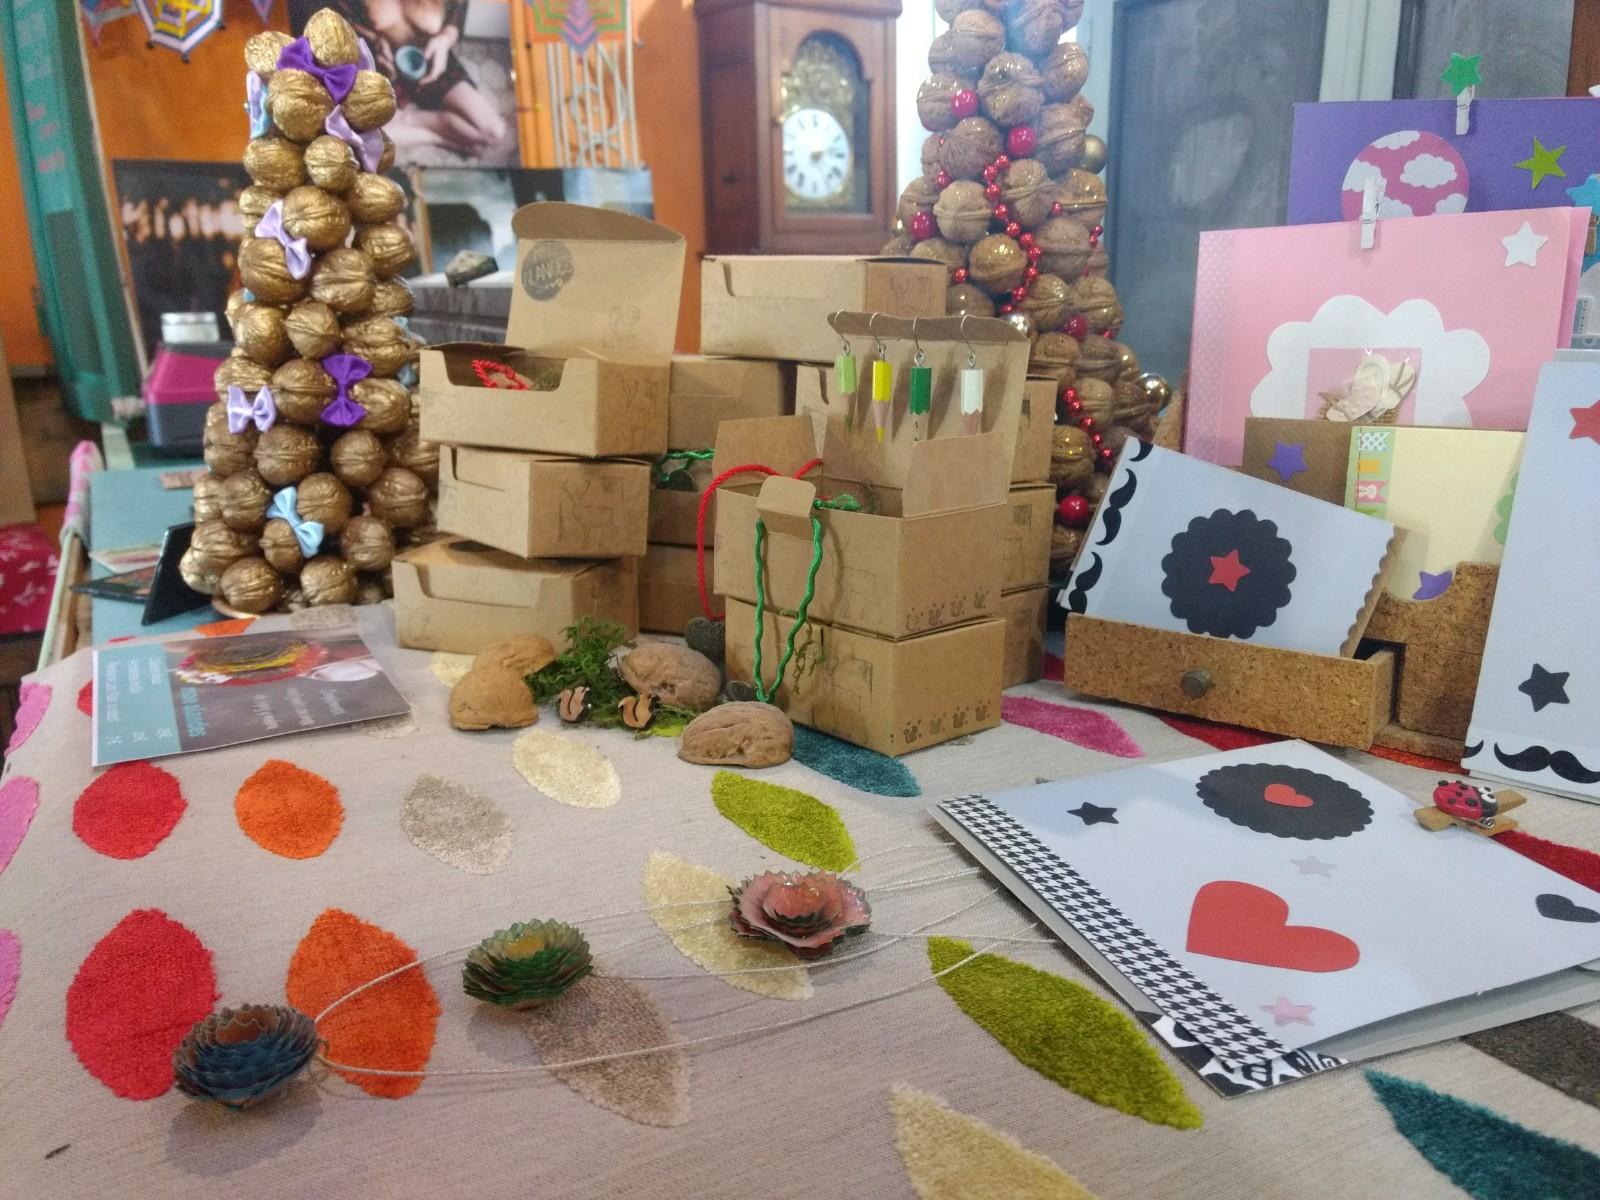 En TRATE Tienda Taller de Artesanía y Restauración encontraras piezas únicas y hechas a mano con mucho amor - Bilbao